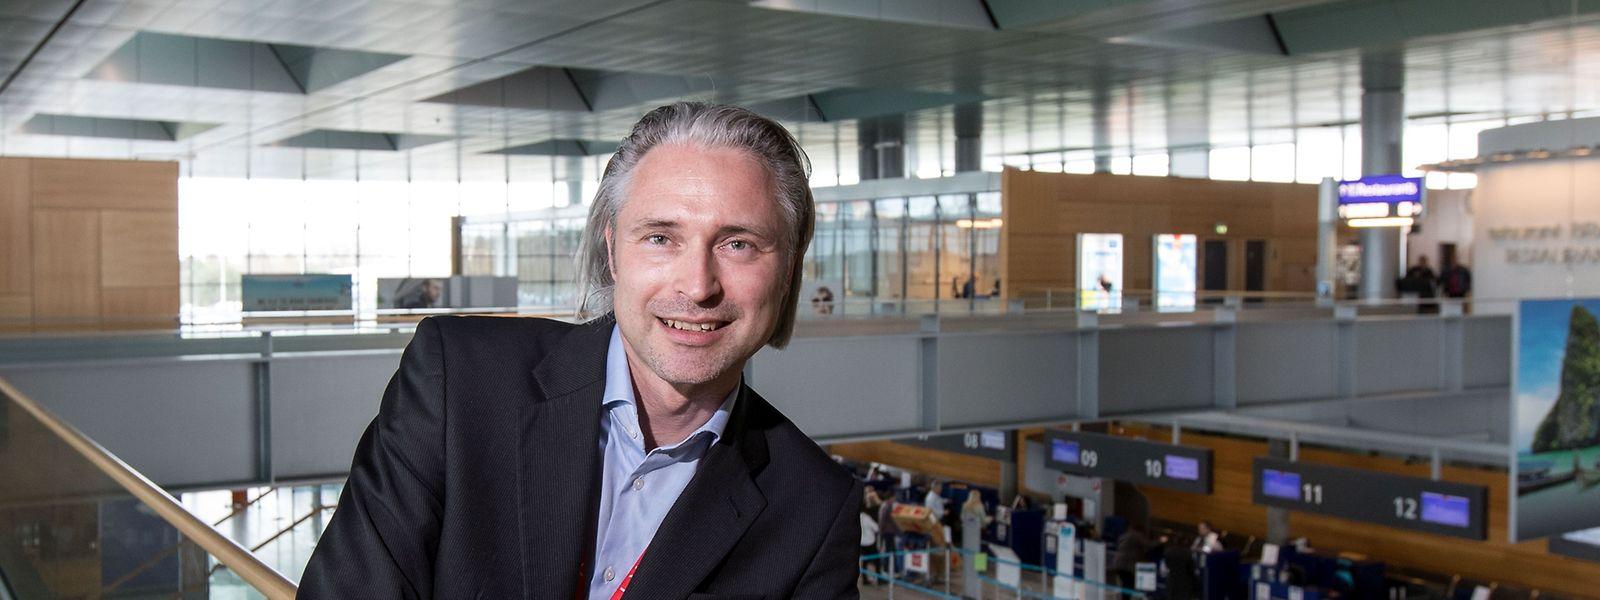 René Steinhaus ist seit knapp einem Monat Interims-CEO der Flughafengesellschaft lux-Airport.